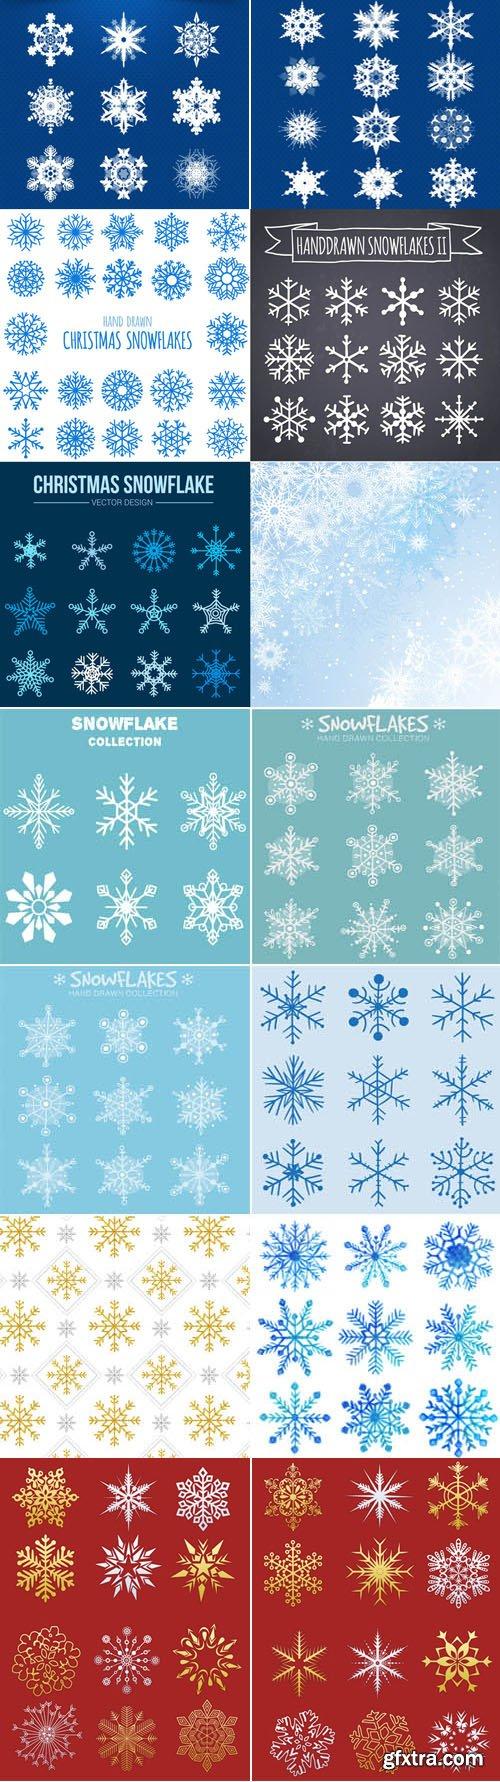 Vector Snowflakes Elements Bundle 2